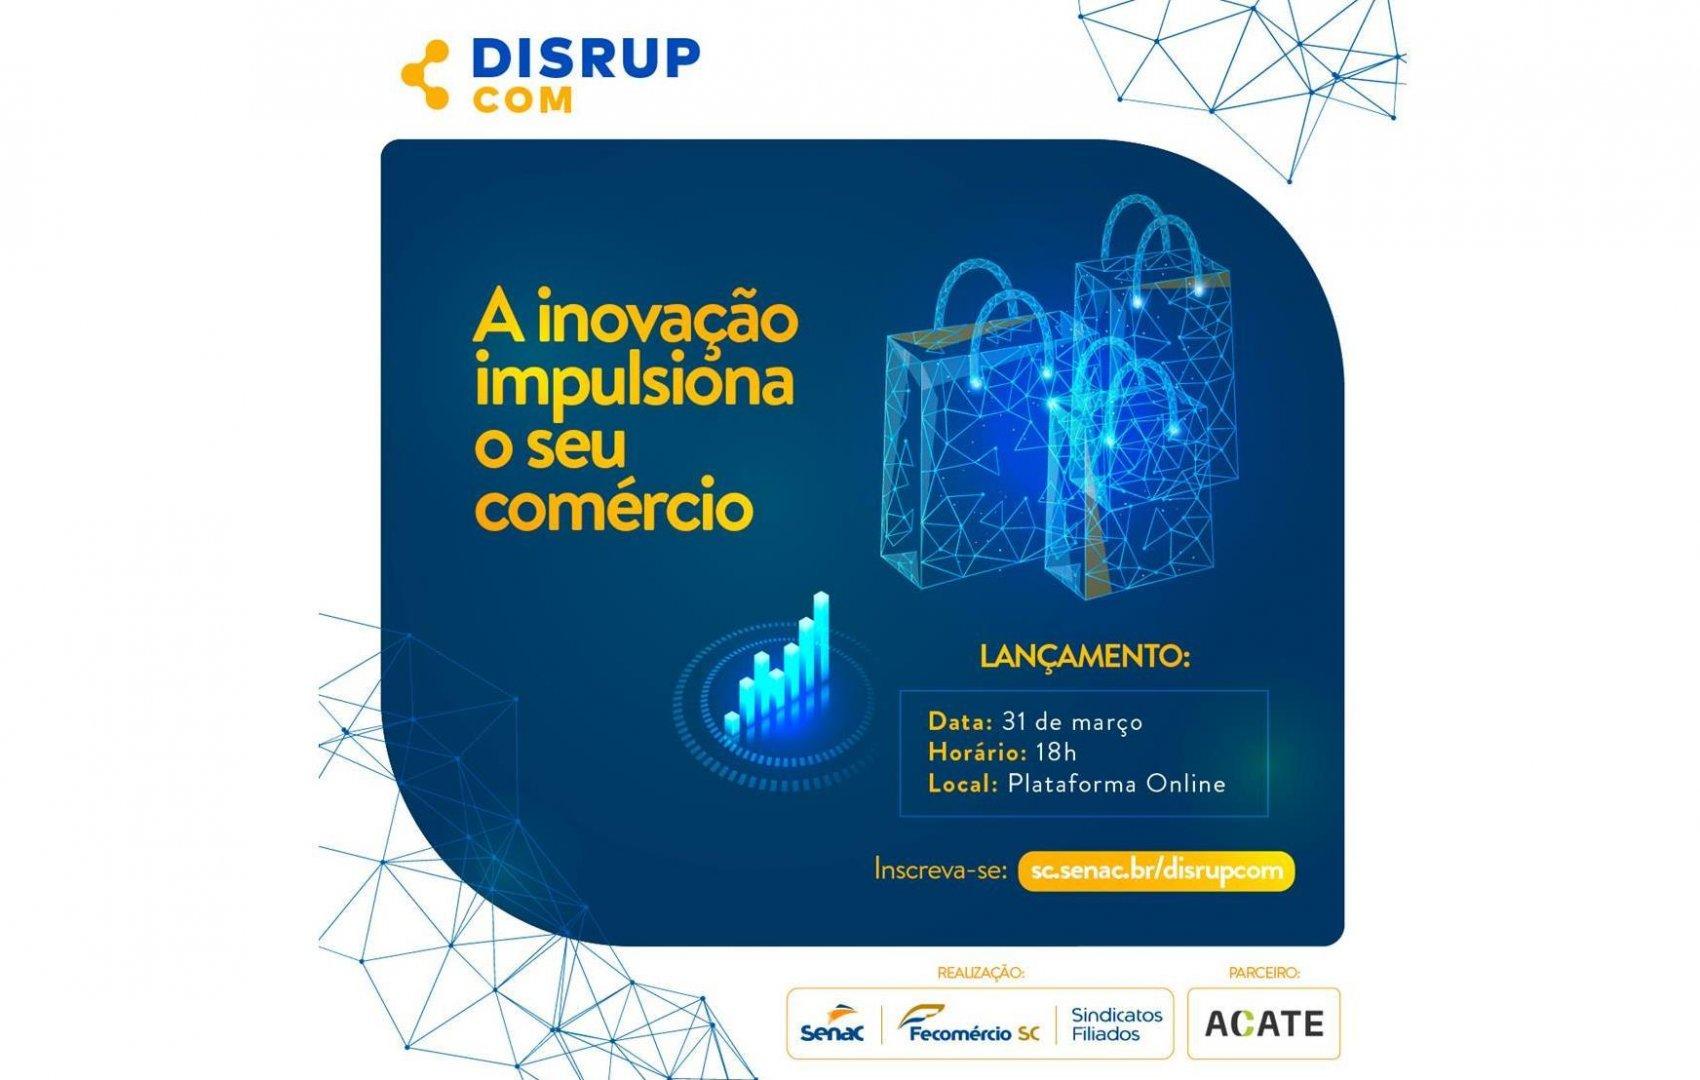 DisrupCom: Senac SC lança projeto para fomentar a cultura de inovação  na área do comércio